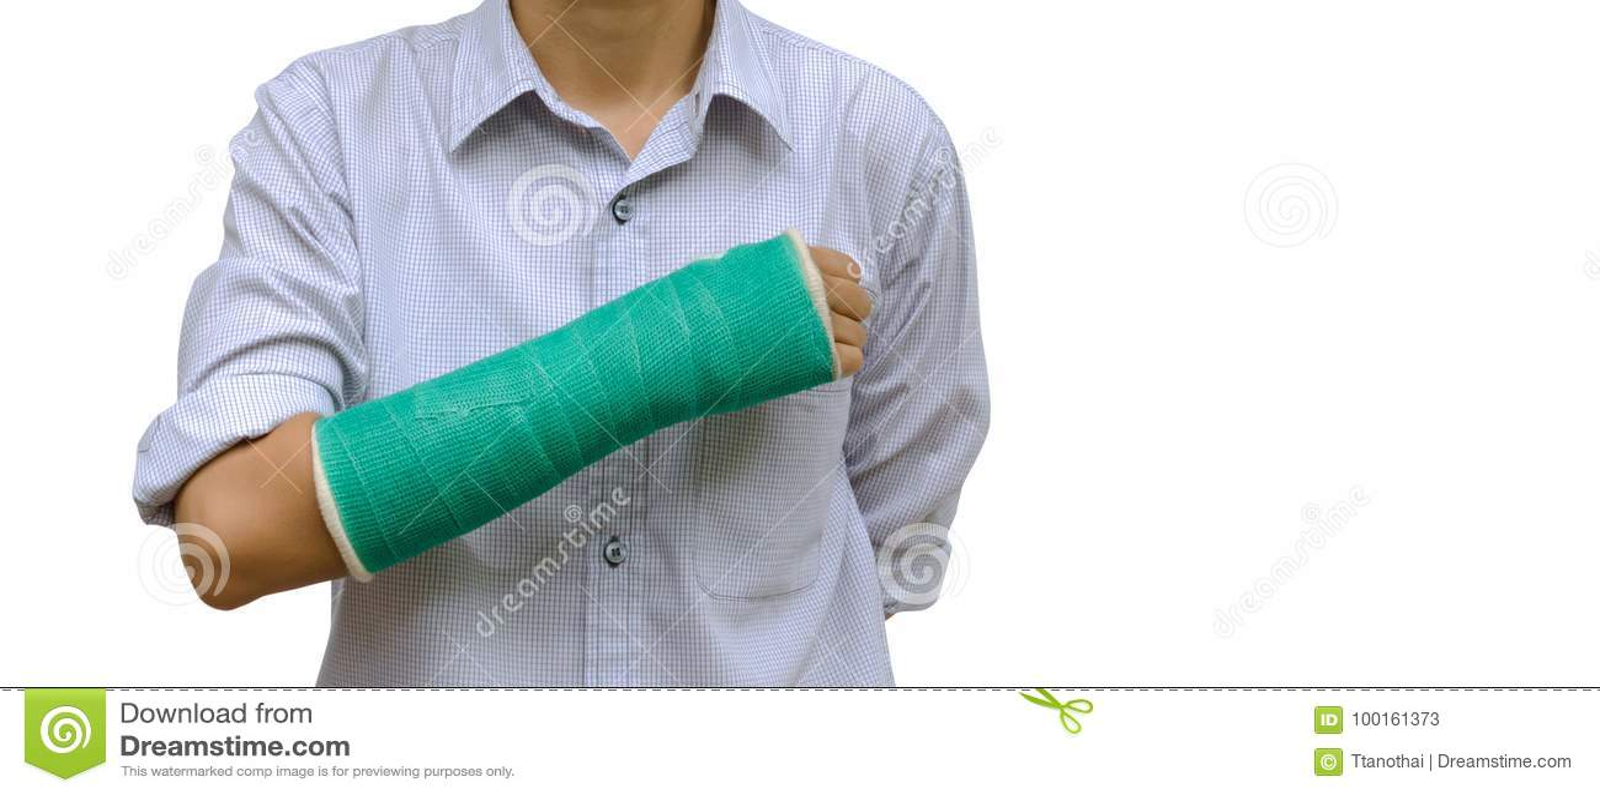 El brazo roto mujer de lesión con verde echó en el brazo que se colocaba en blanco